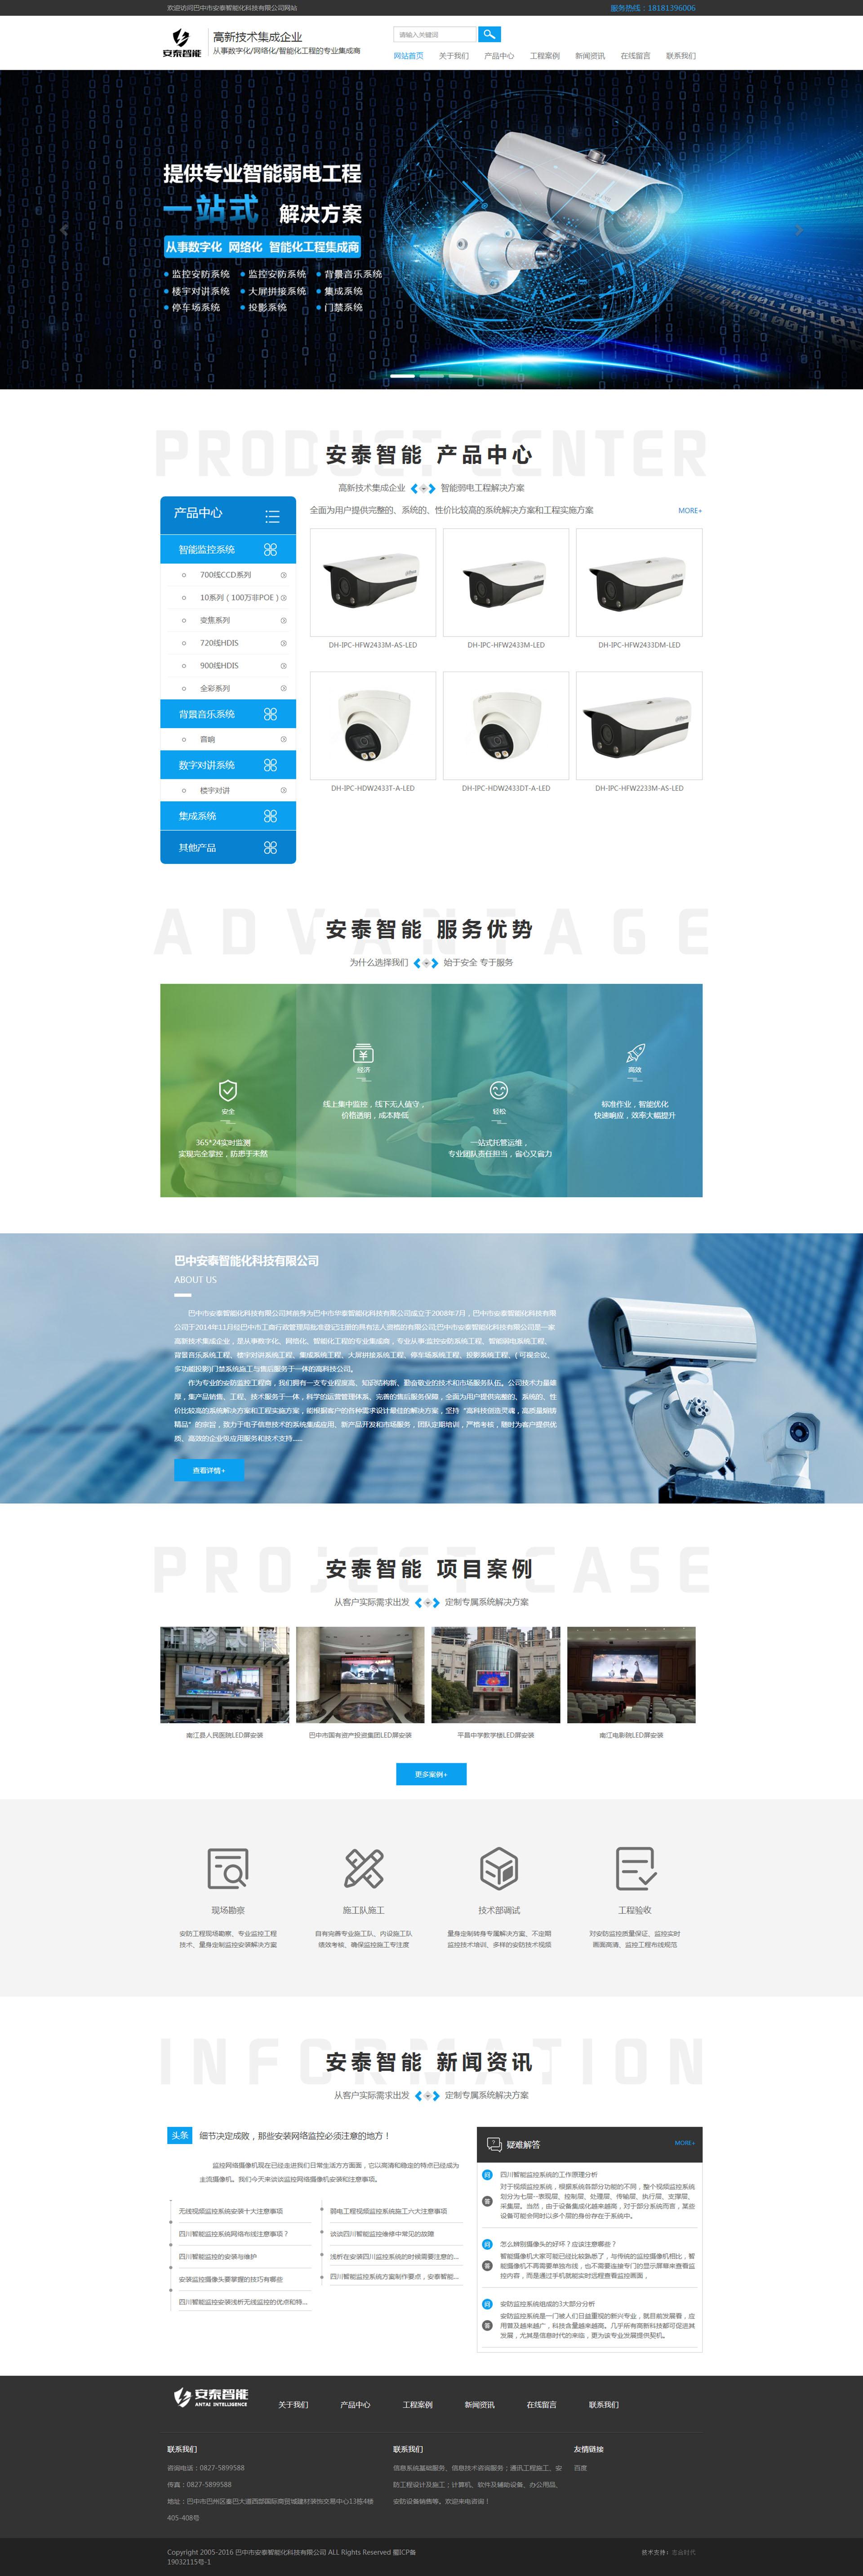 巴中市安泰智能化科技网站建设